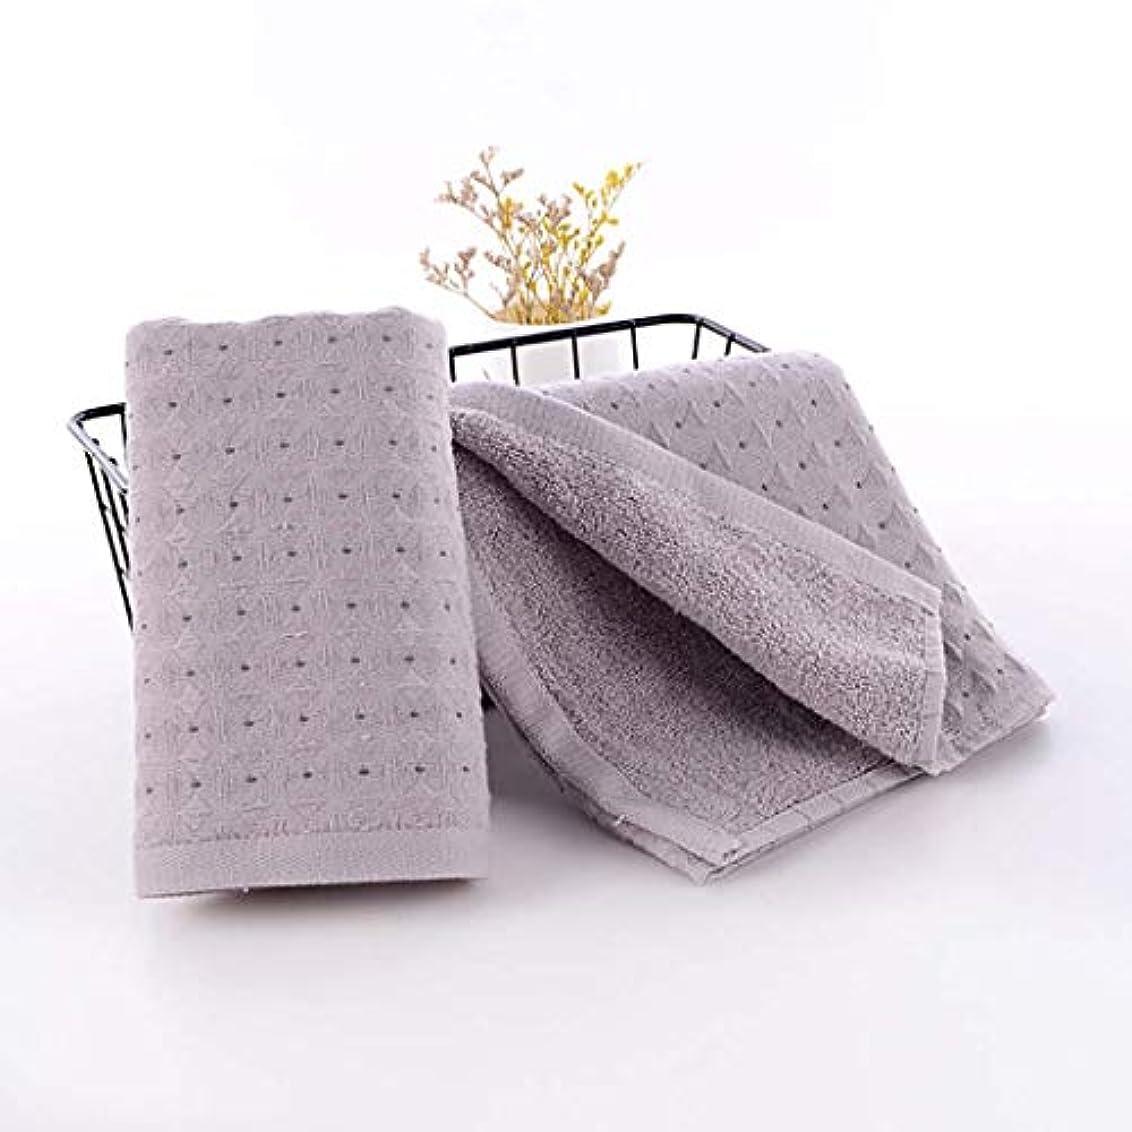 伝える沿って意見綿のハンドタオルの速い乾燥したタオルの速い乾燥したタオル,Gray,34*75cm